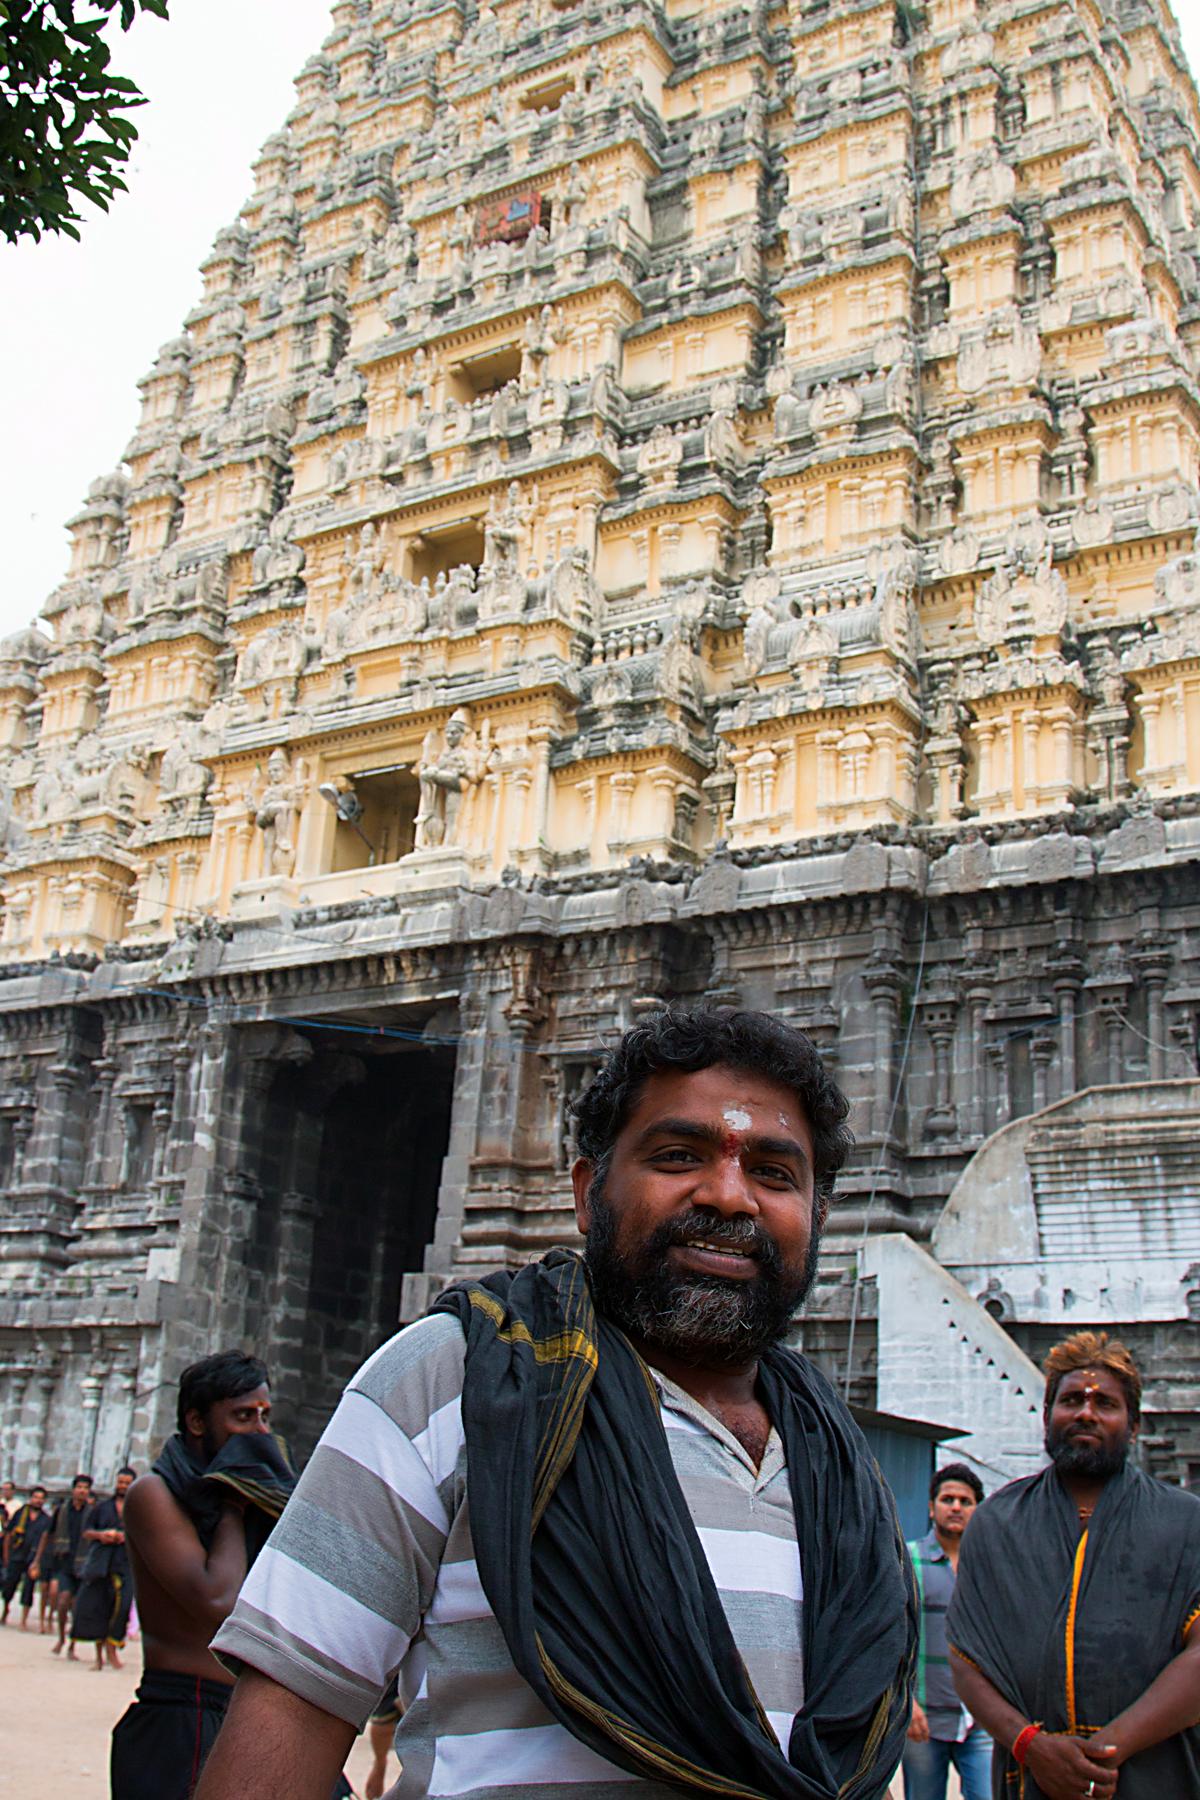 INDIEN Chennai Menschen Tempel FINEST-onTour 7513.jpg